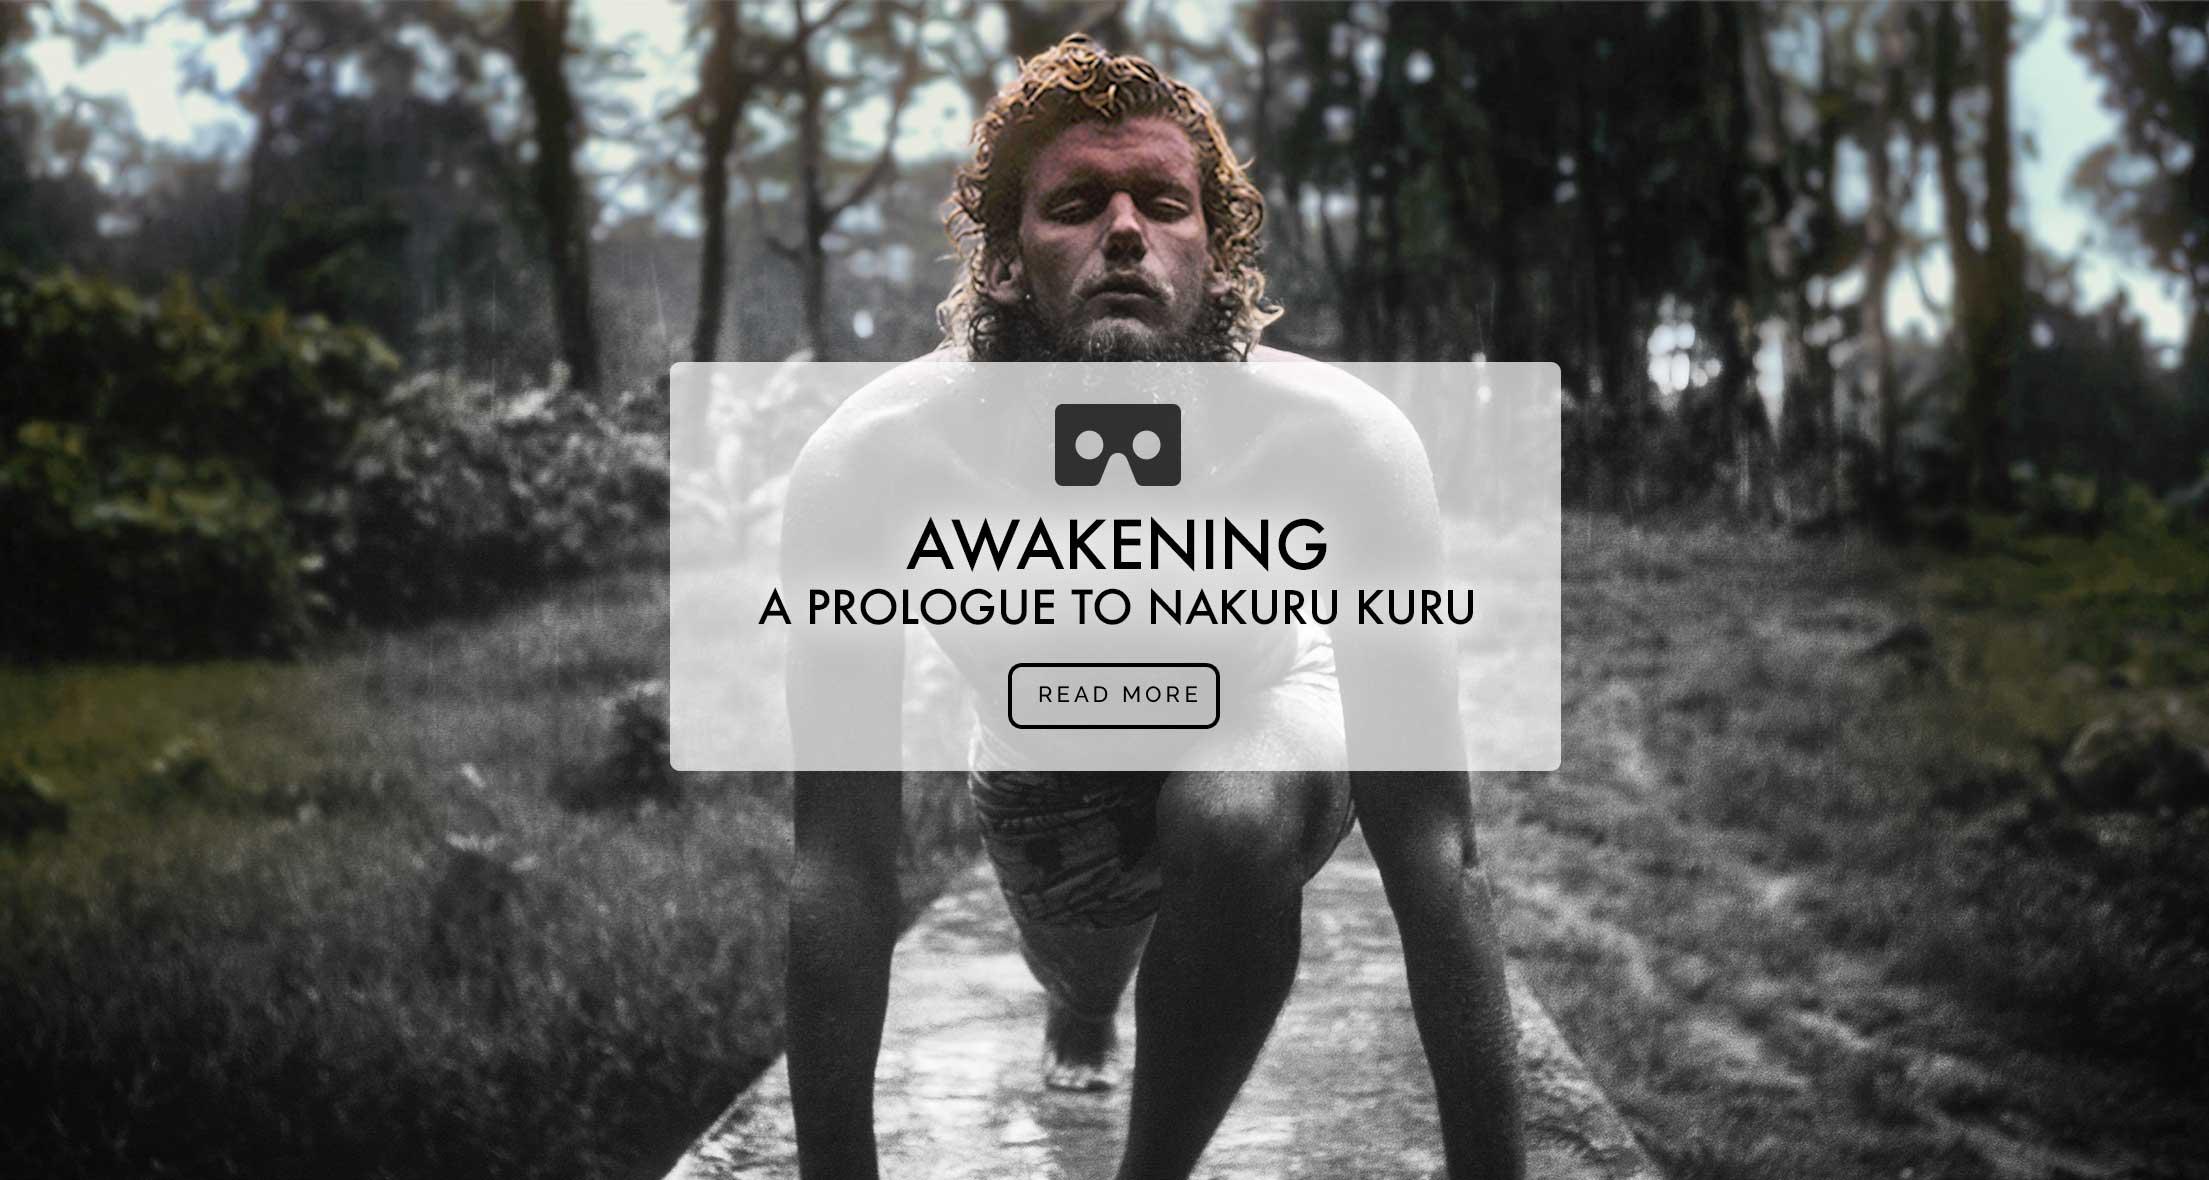 AWAKENING a Prologue to Nakuru Kuru